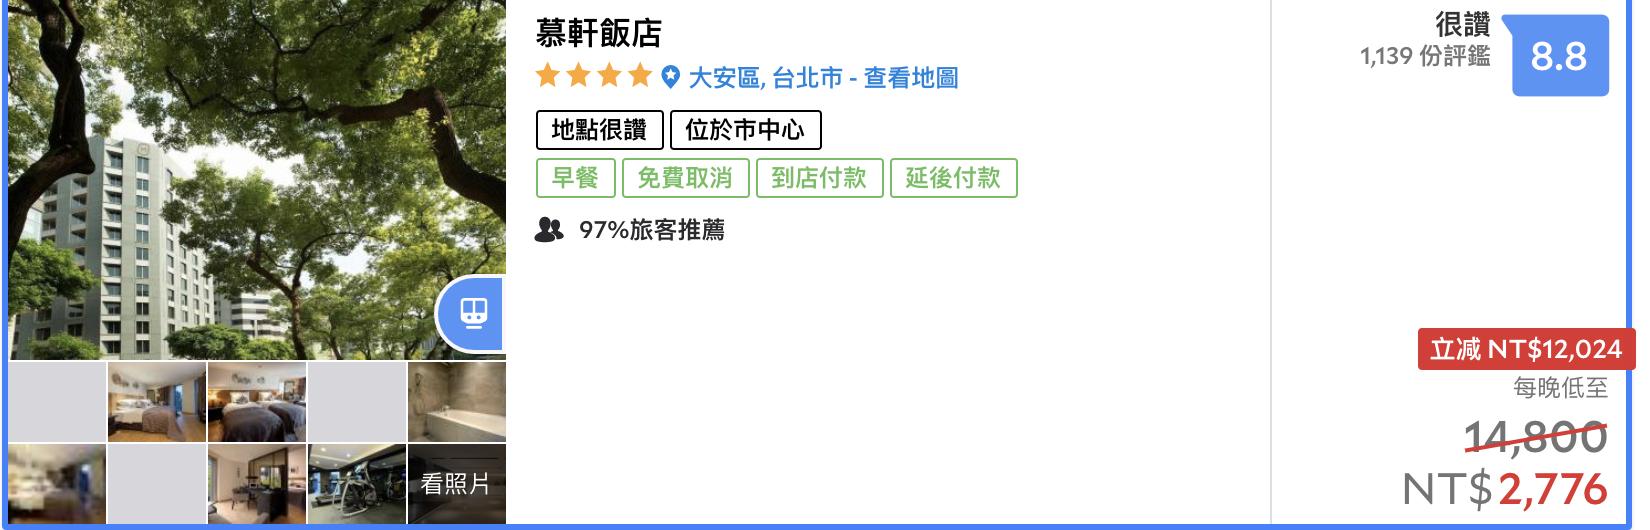 任選三館,6499,環遊護照全台玩起來~